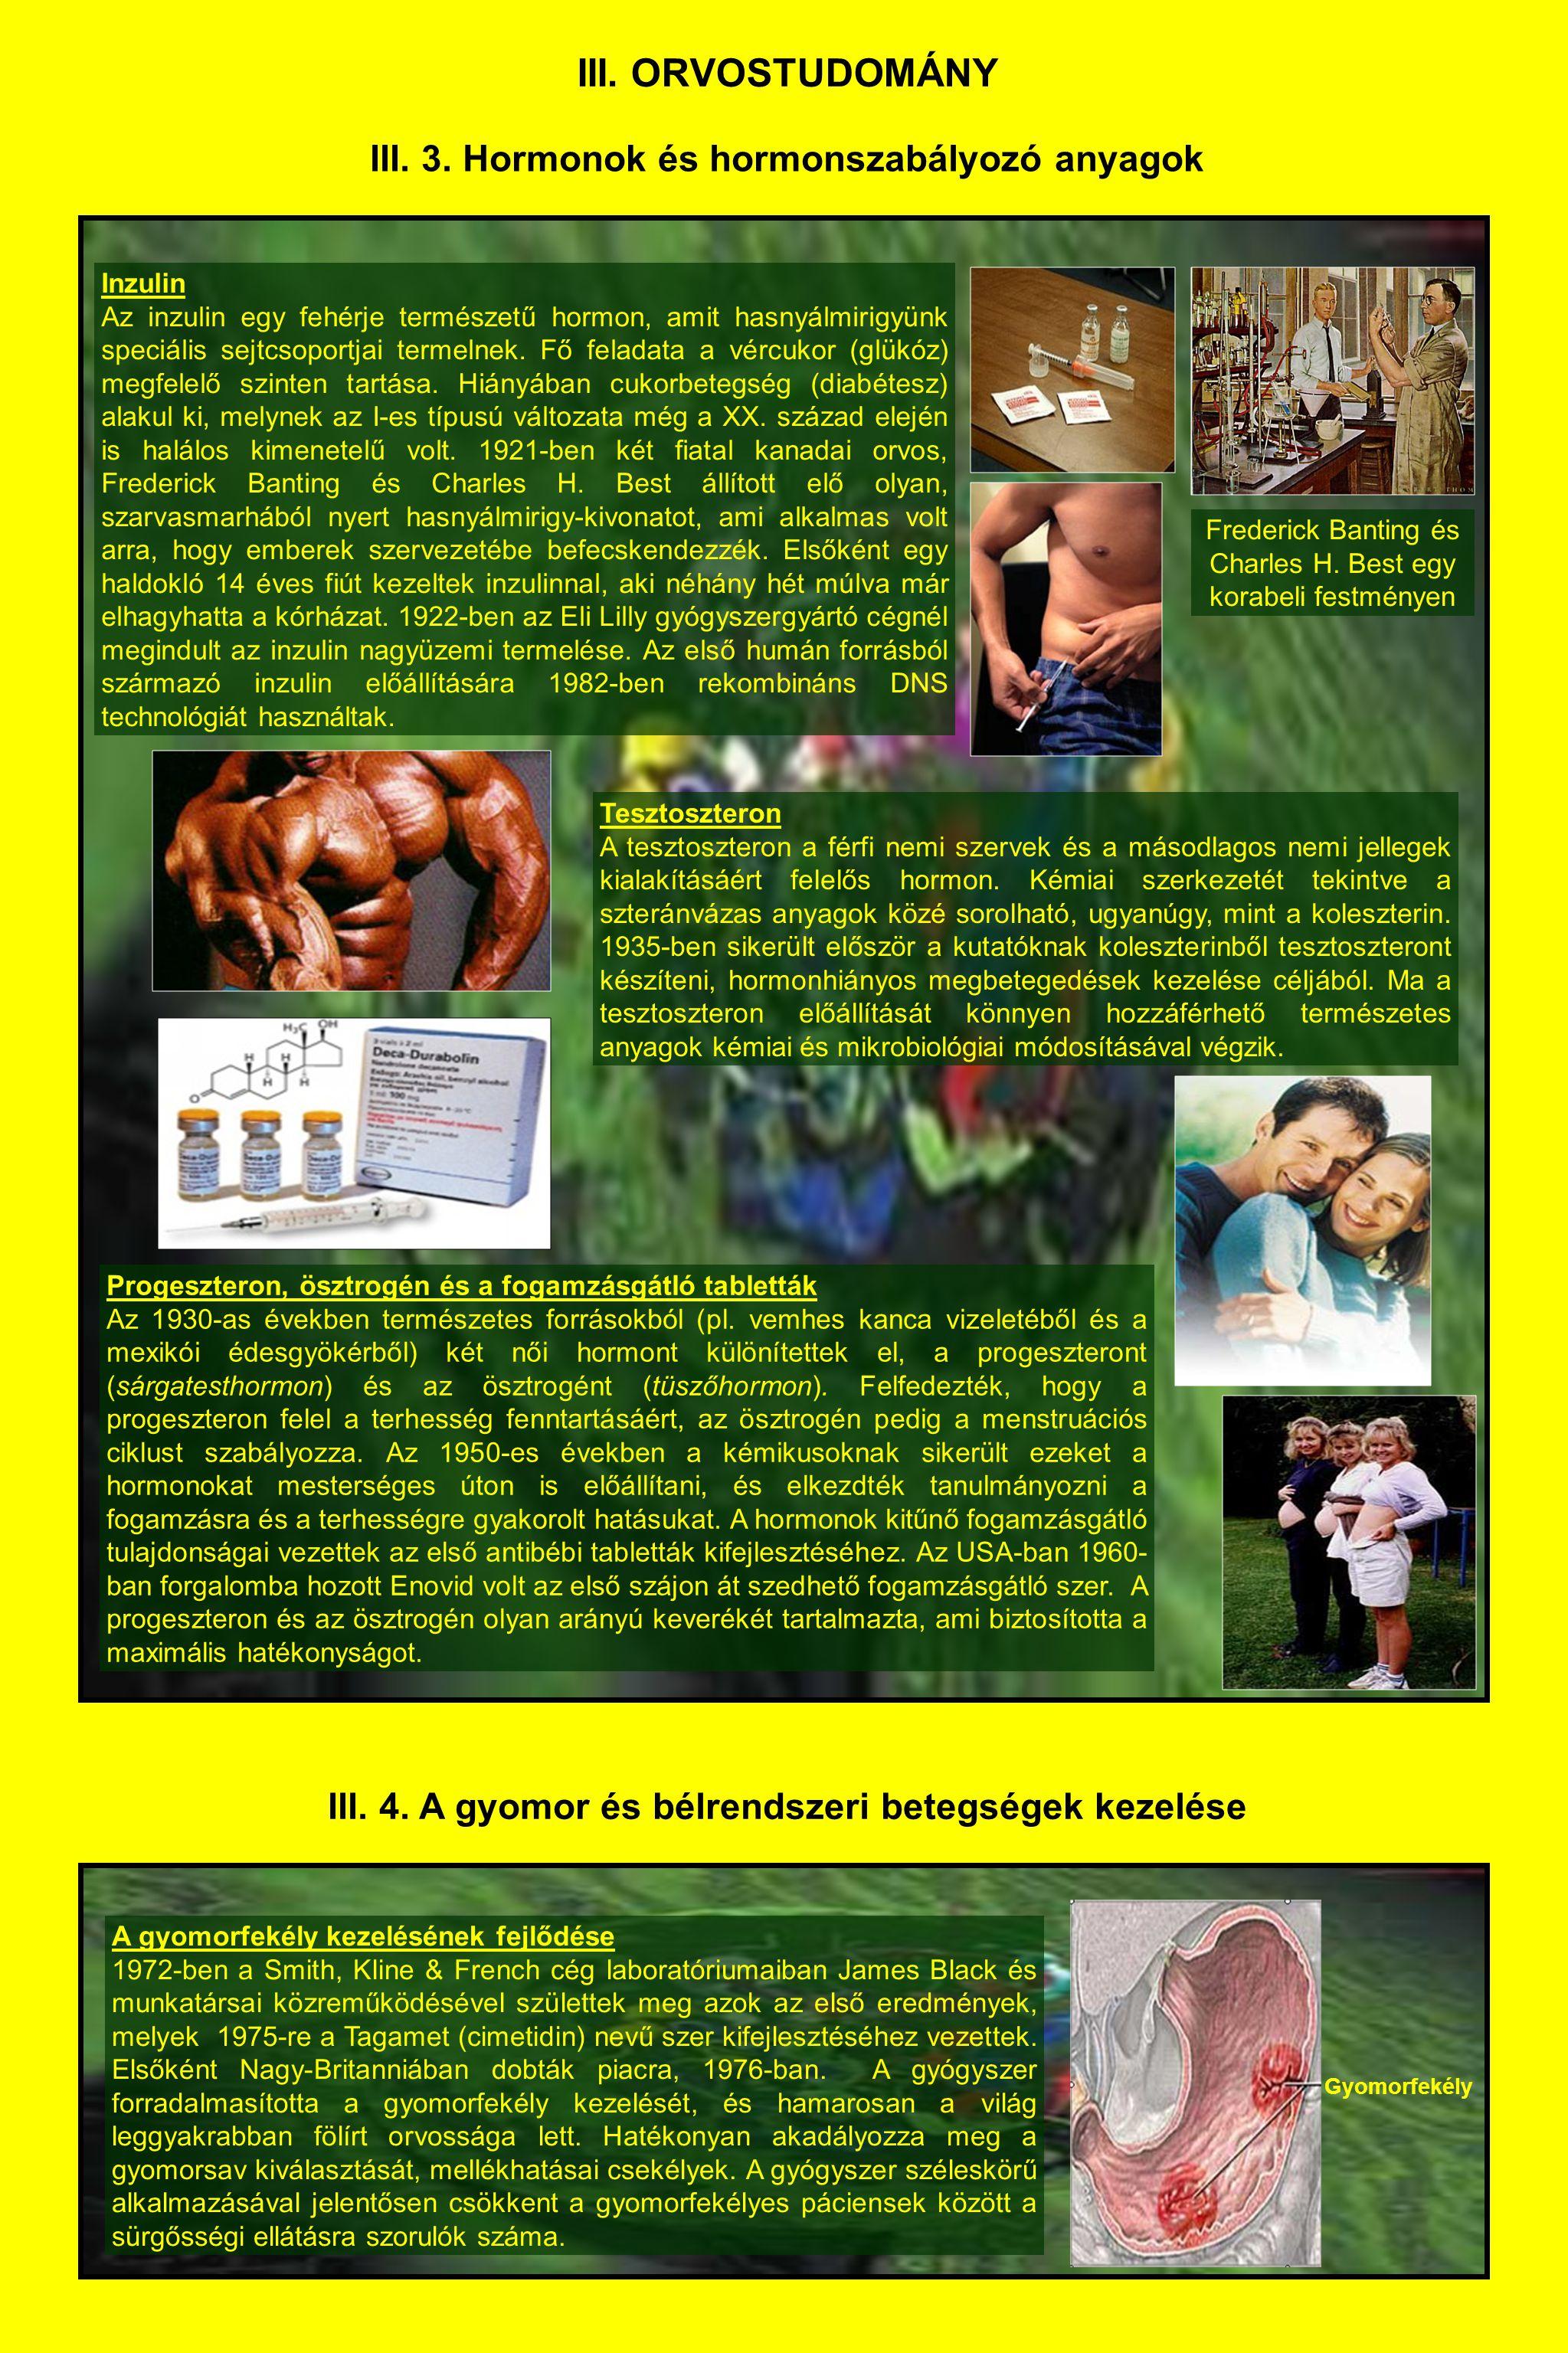 III. ORVOSTUDOMÁNY III. 3. Hormonok és hormonszabályozó anyagok